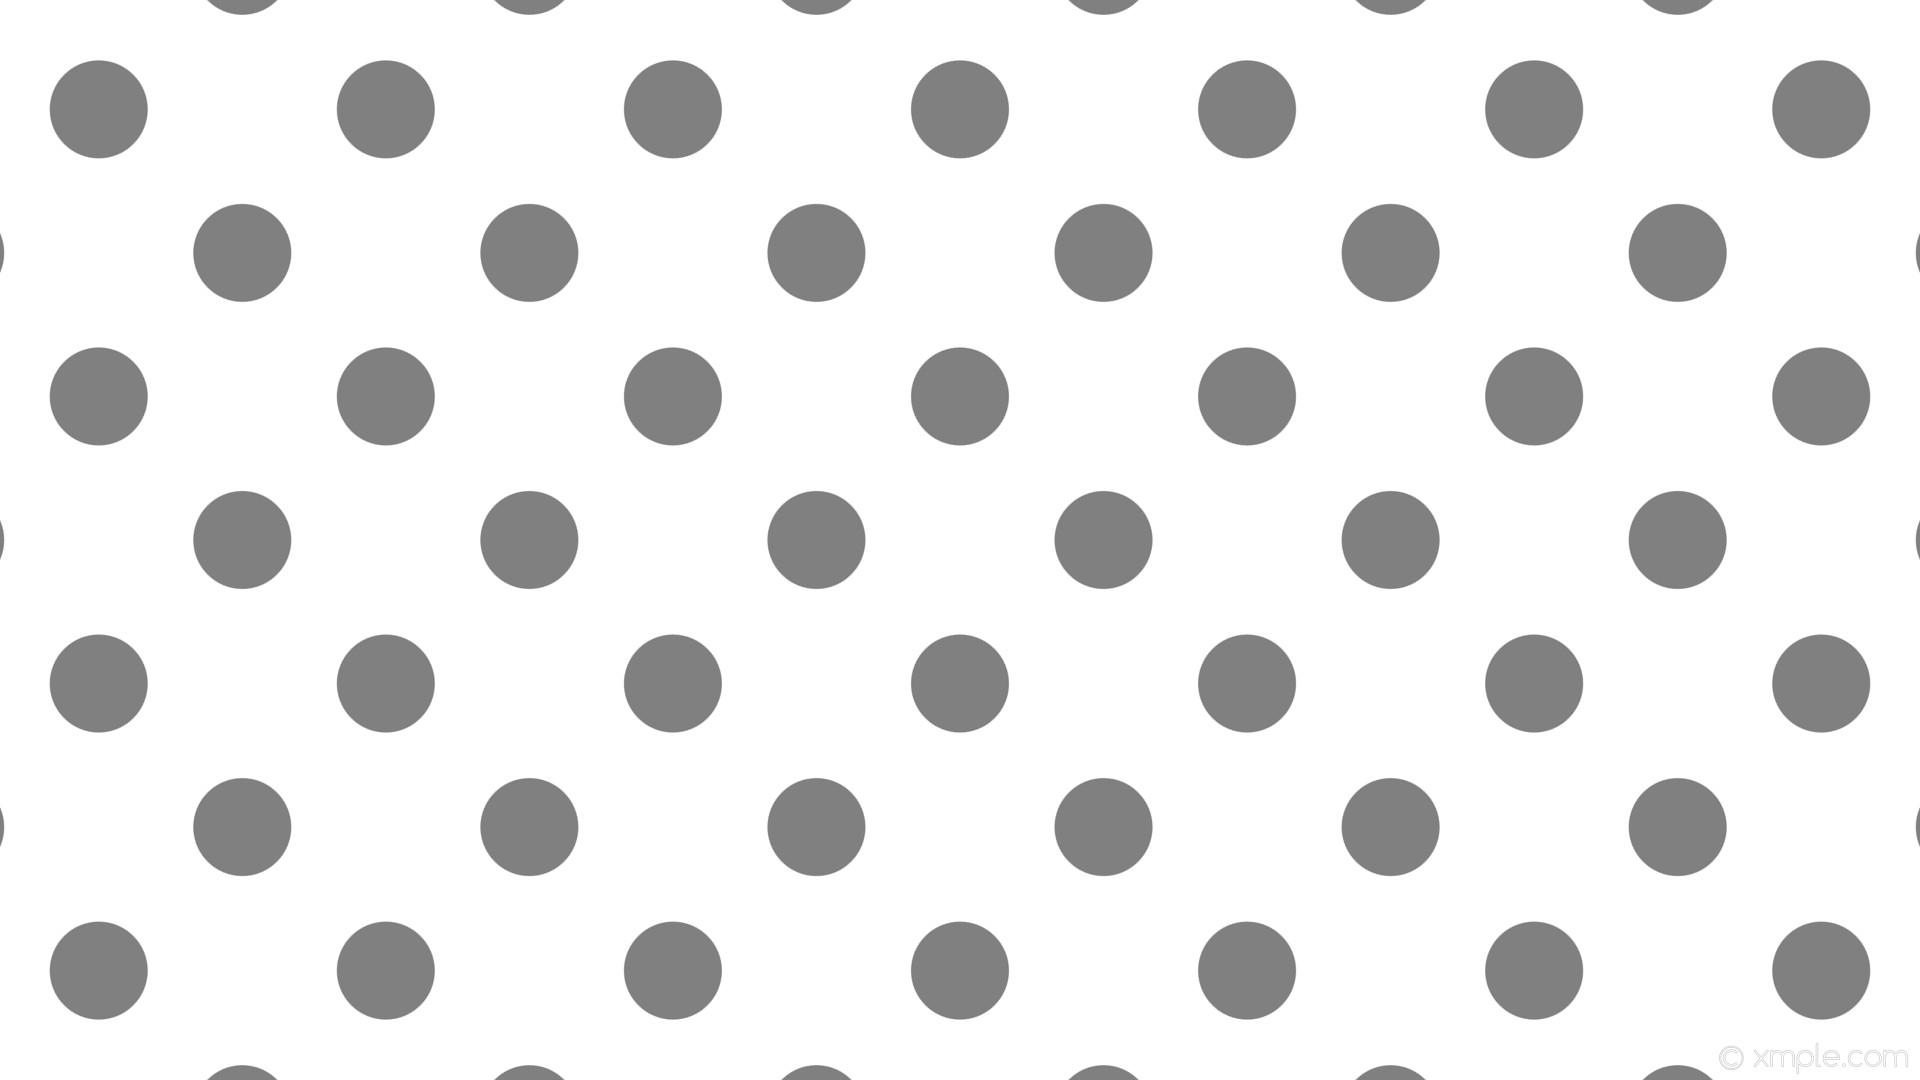 wallpaper white polka dots spots grey gray #ffffff #808080 135° 98px 203px